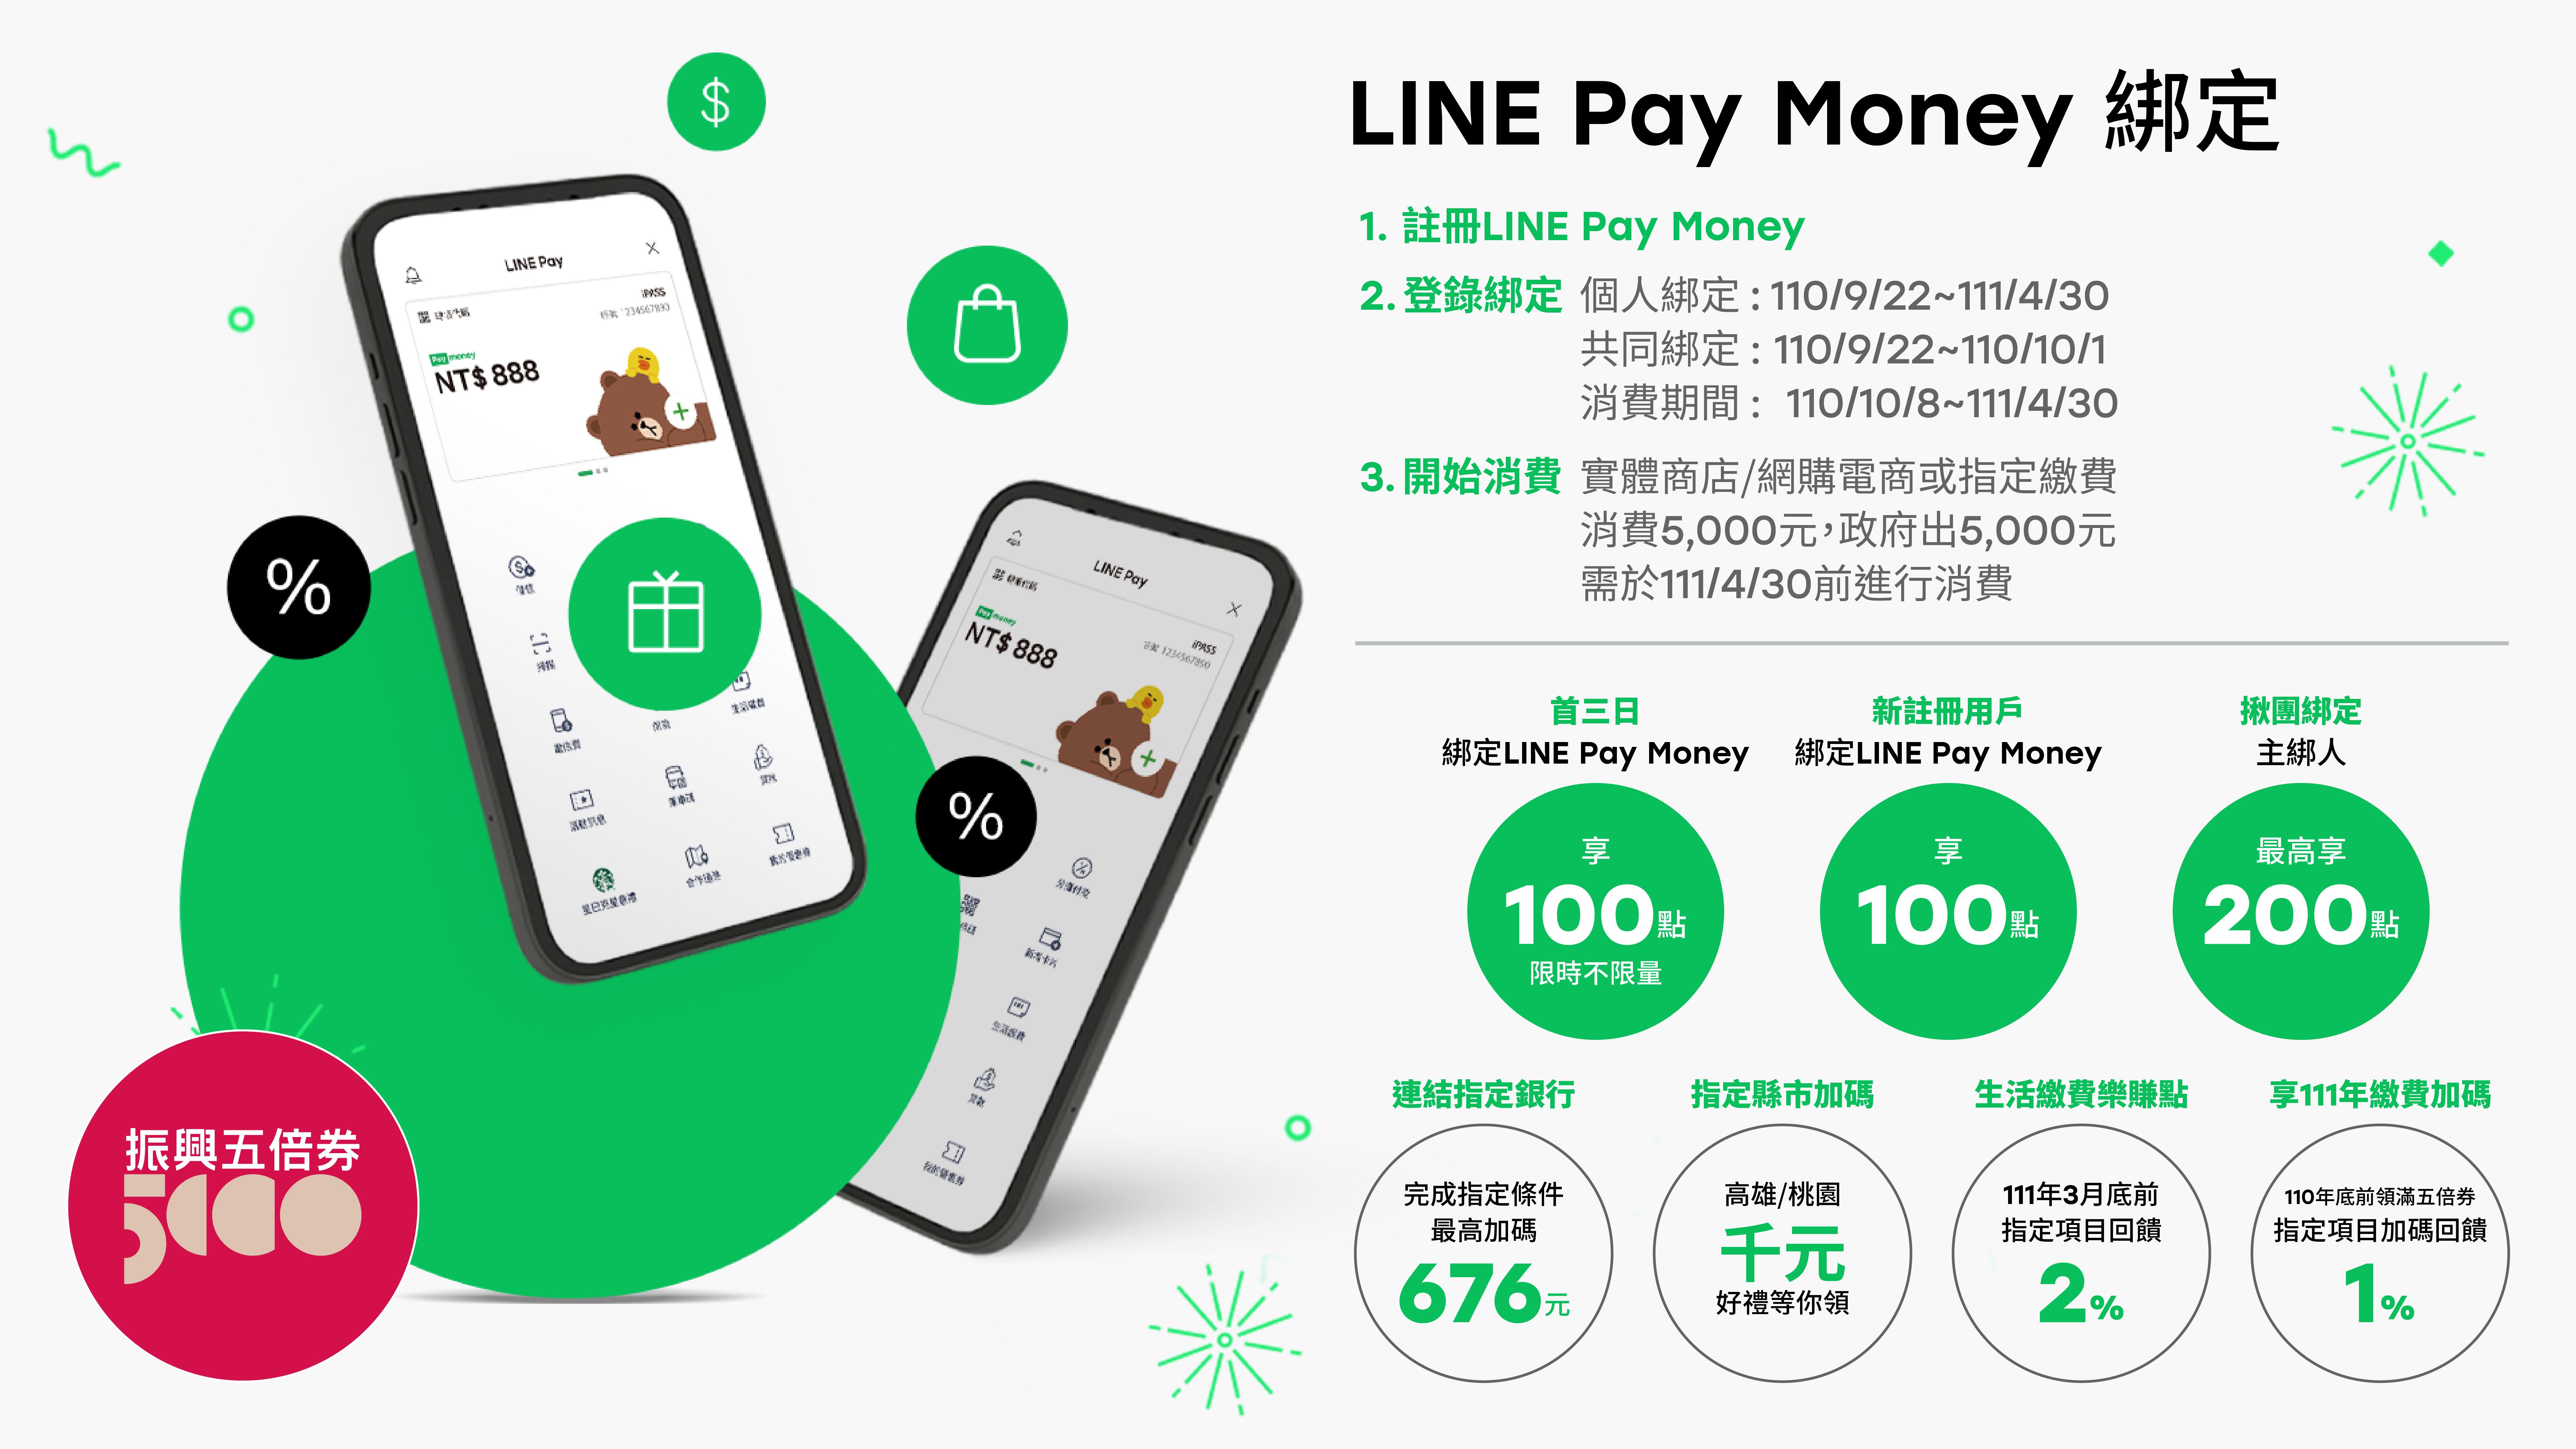 振興五倍券綁定LINE Pay Money懶人包_02